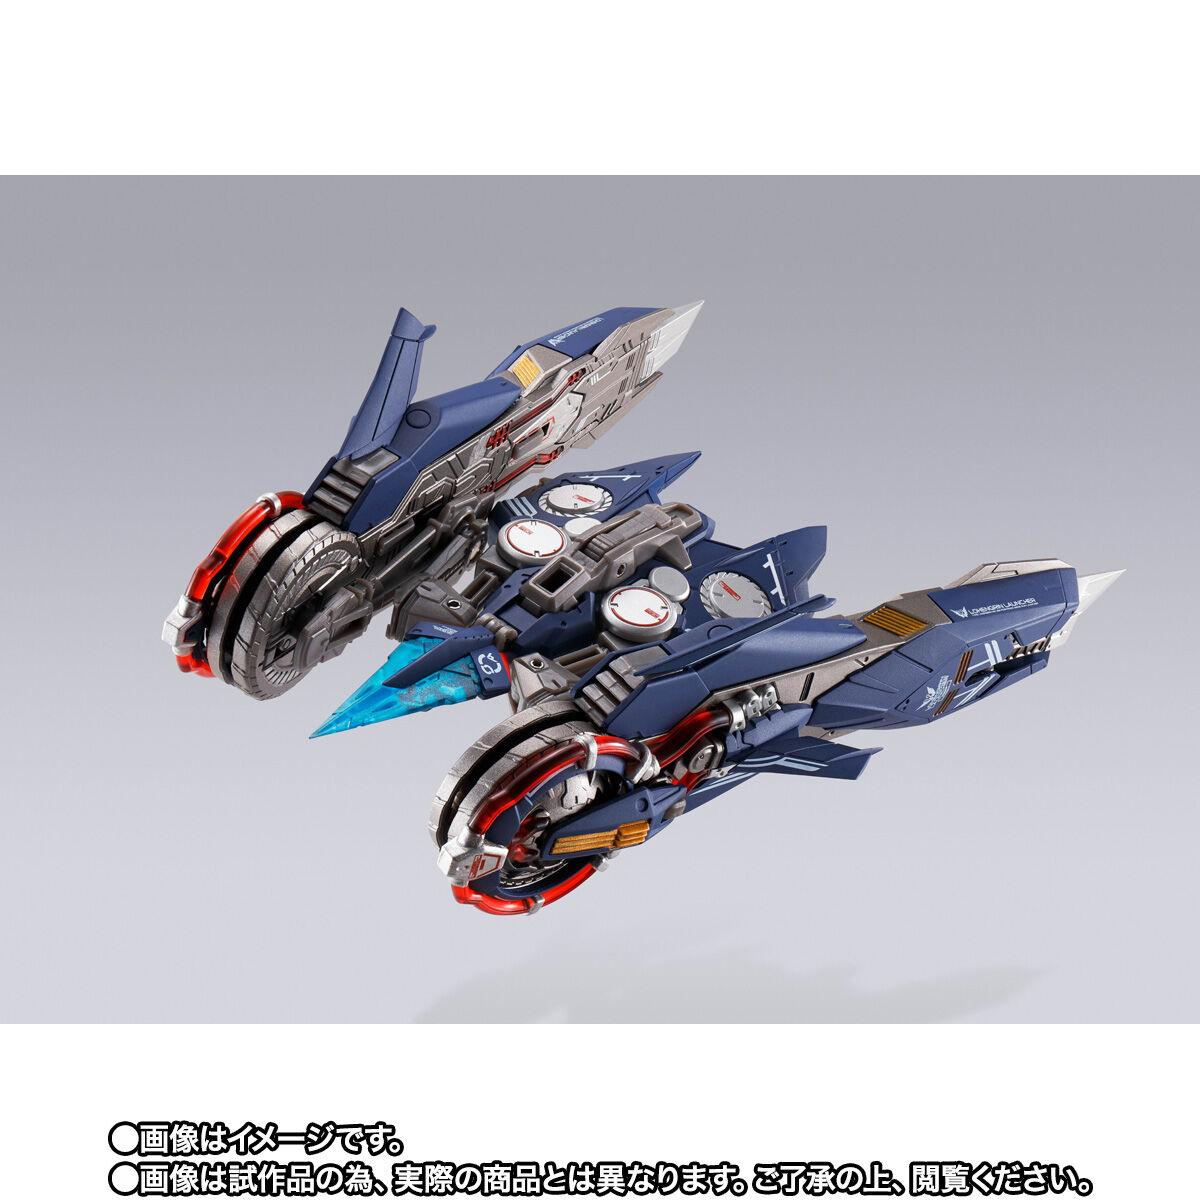 【限定販売】METAL BUILD『ローエングリンランチャー』機動戦士ガンダムSEED ASTRAY 可動フィギュア-009